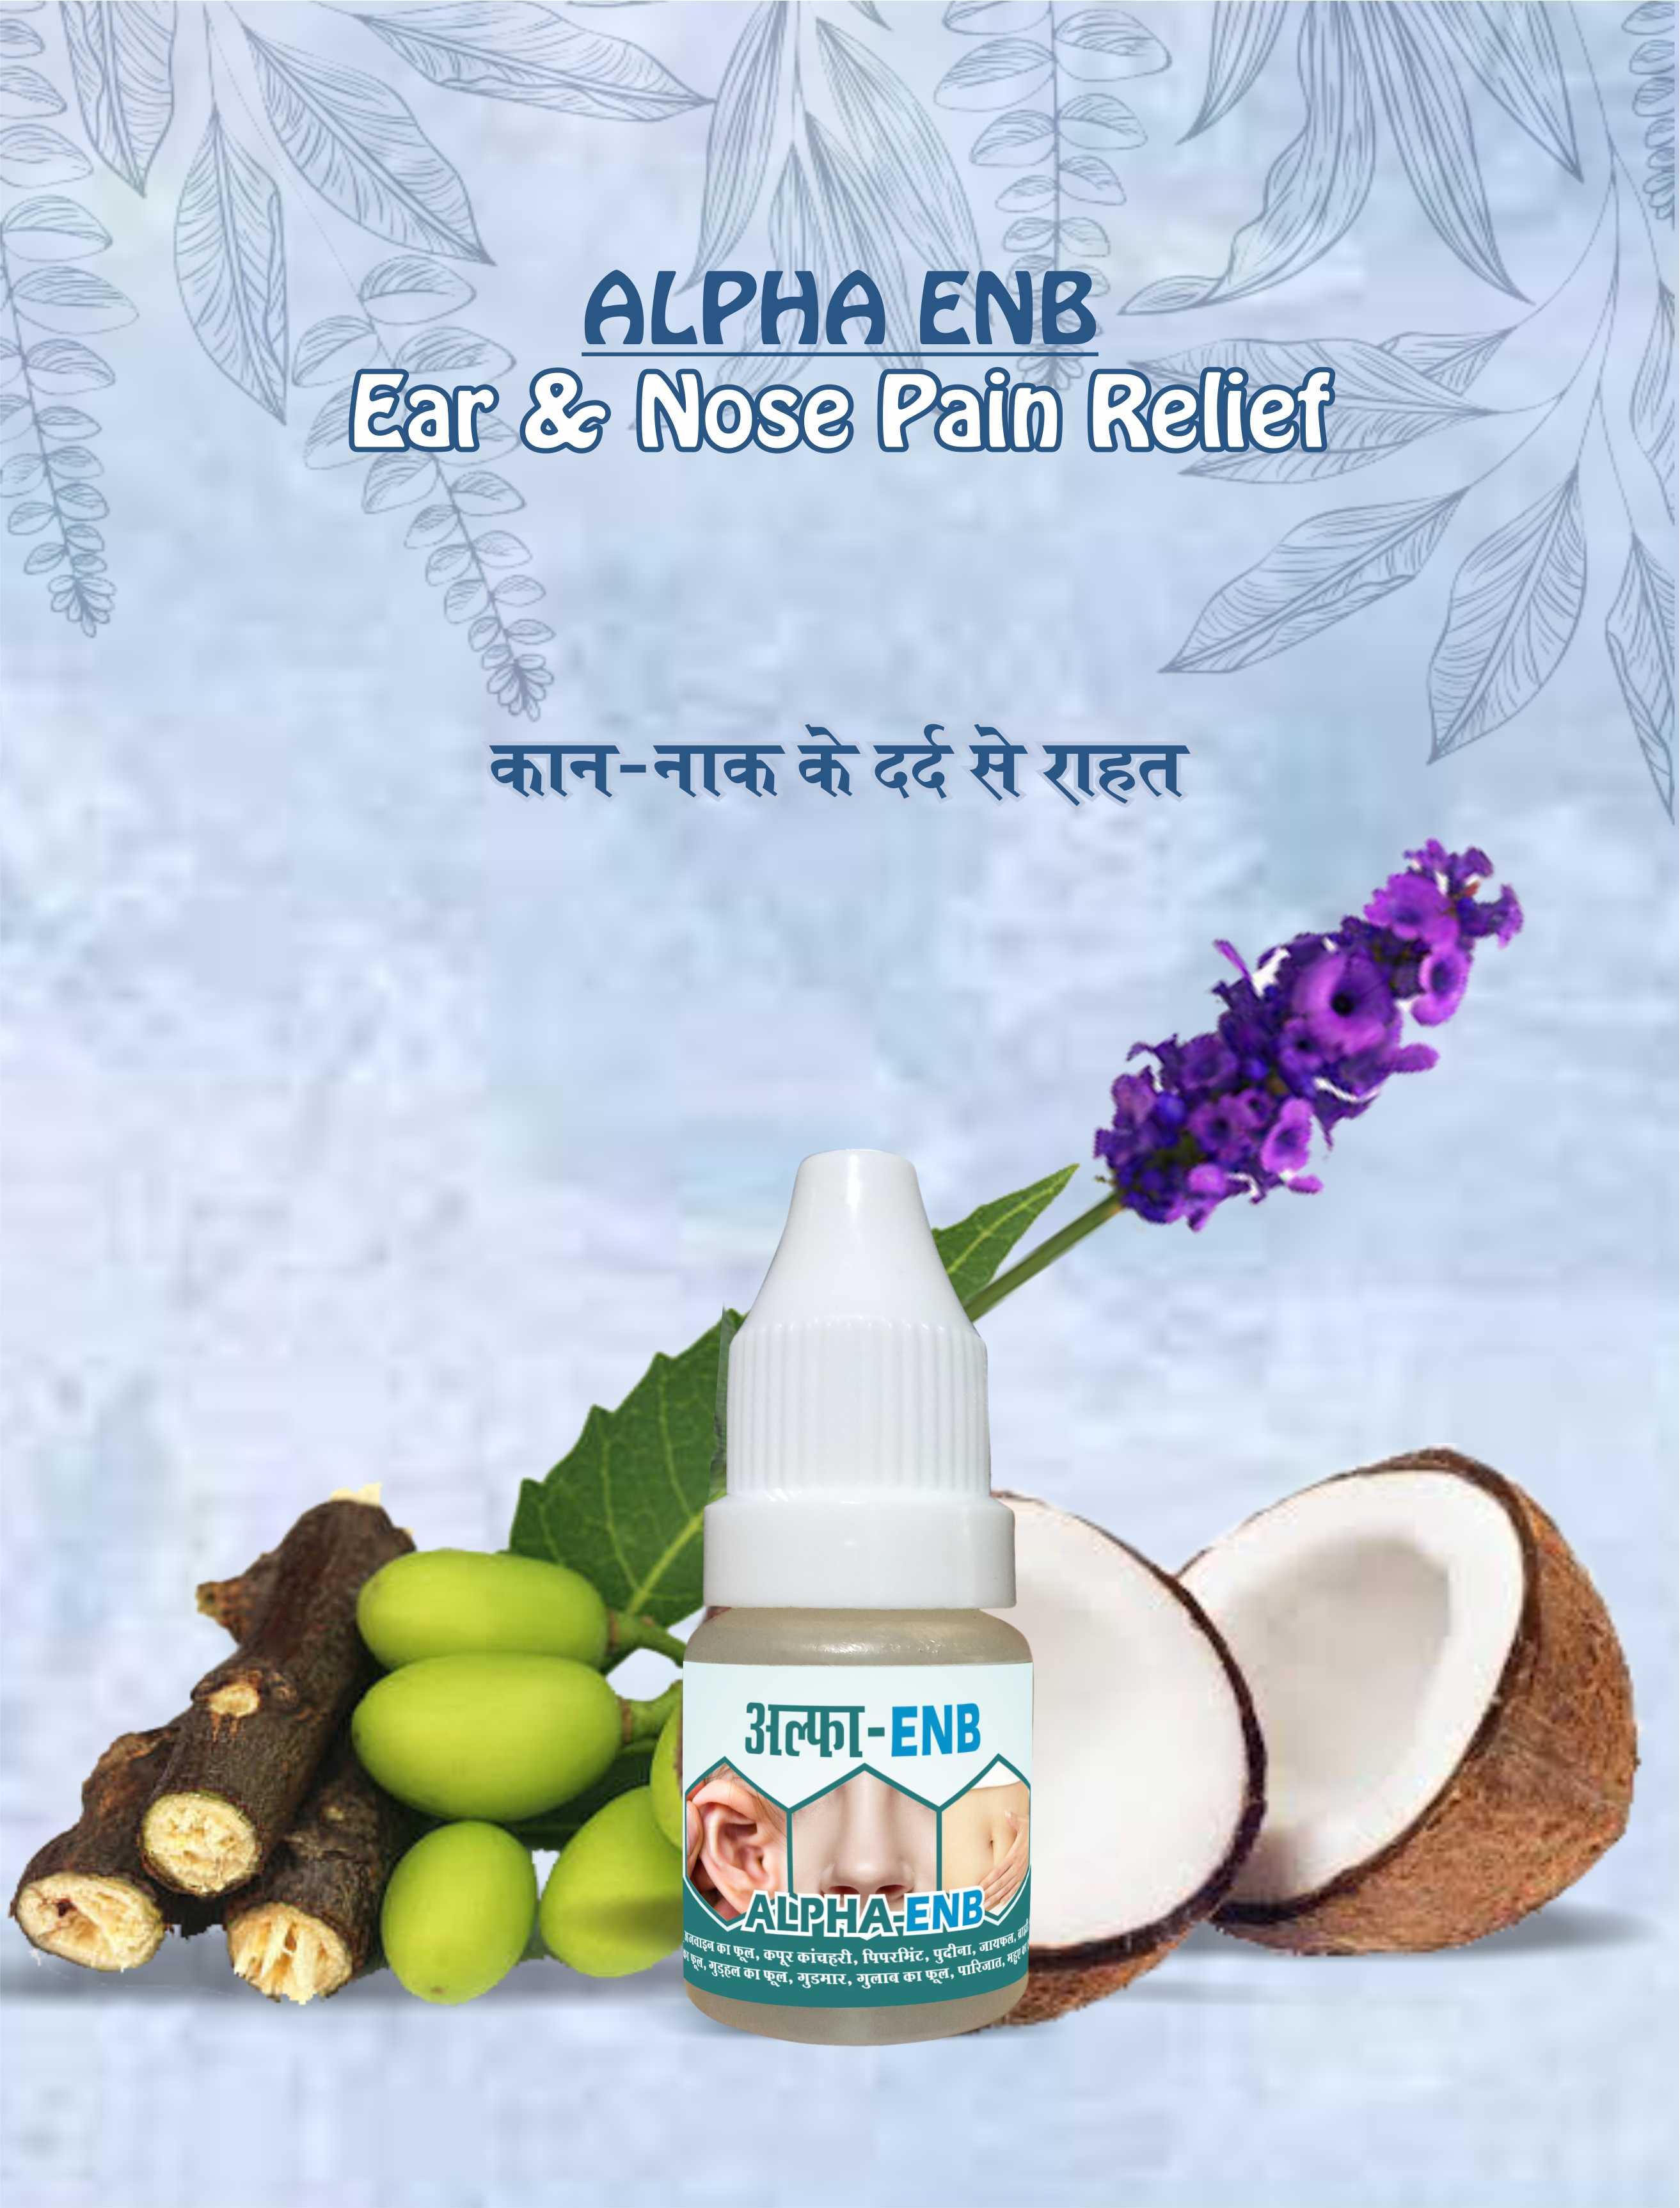 Alpha ENB